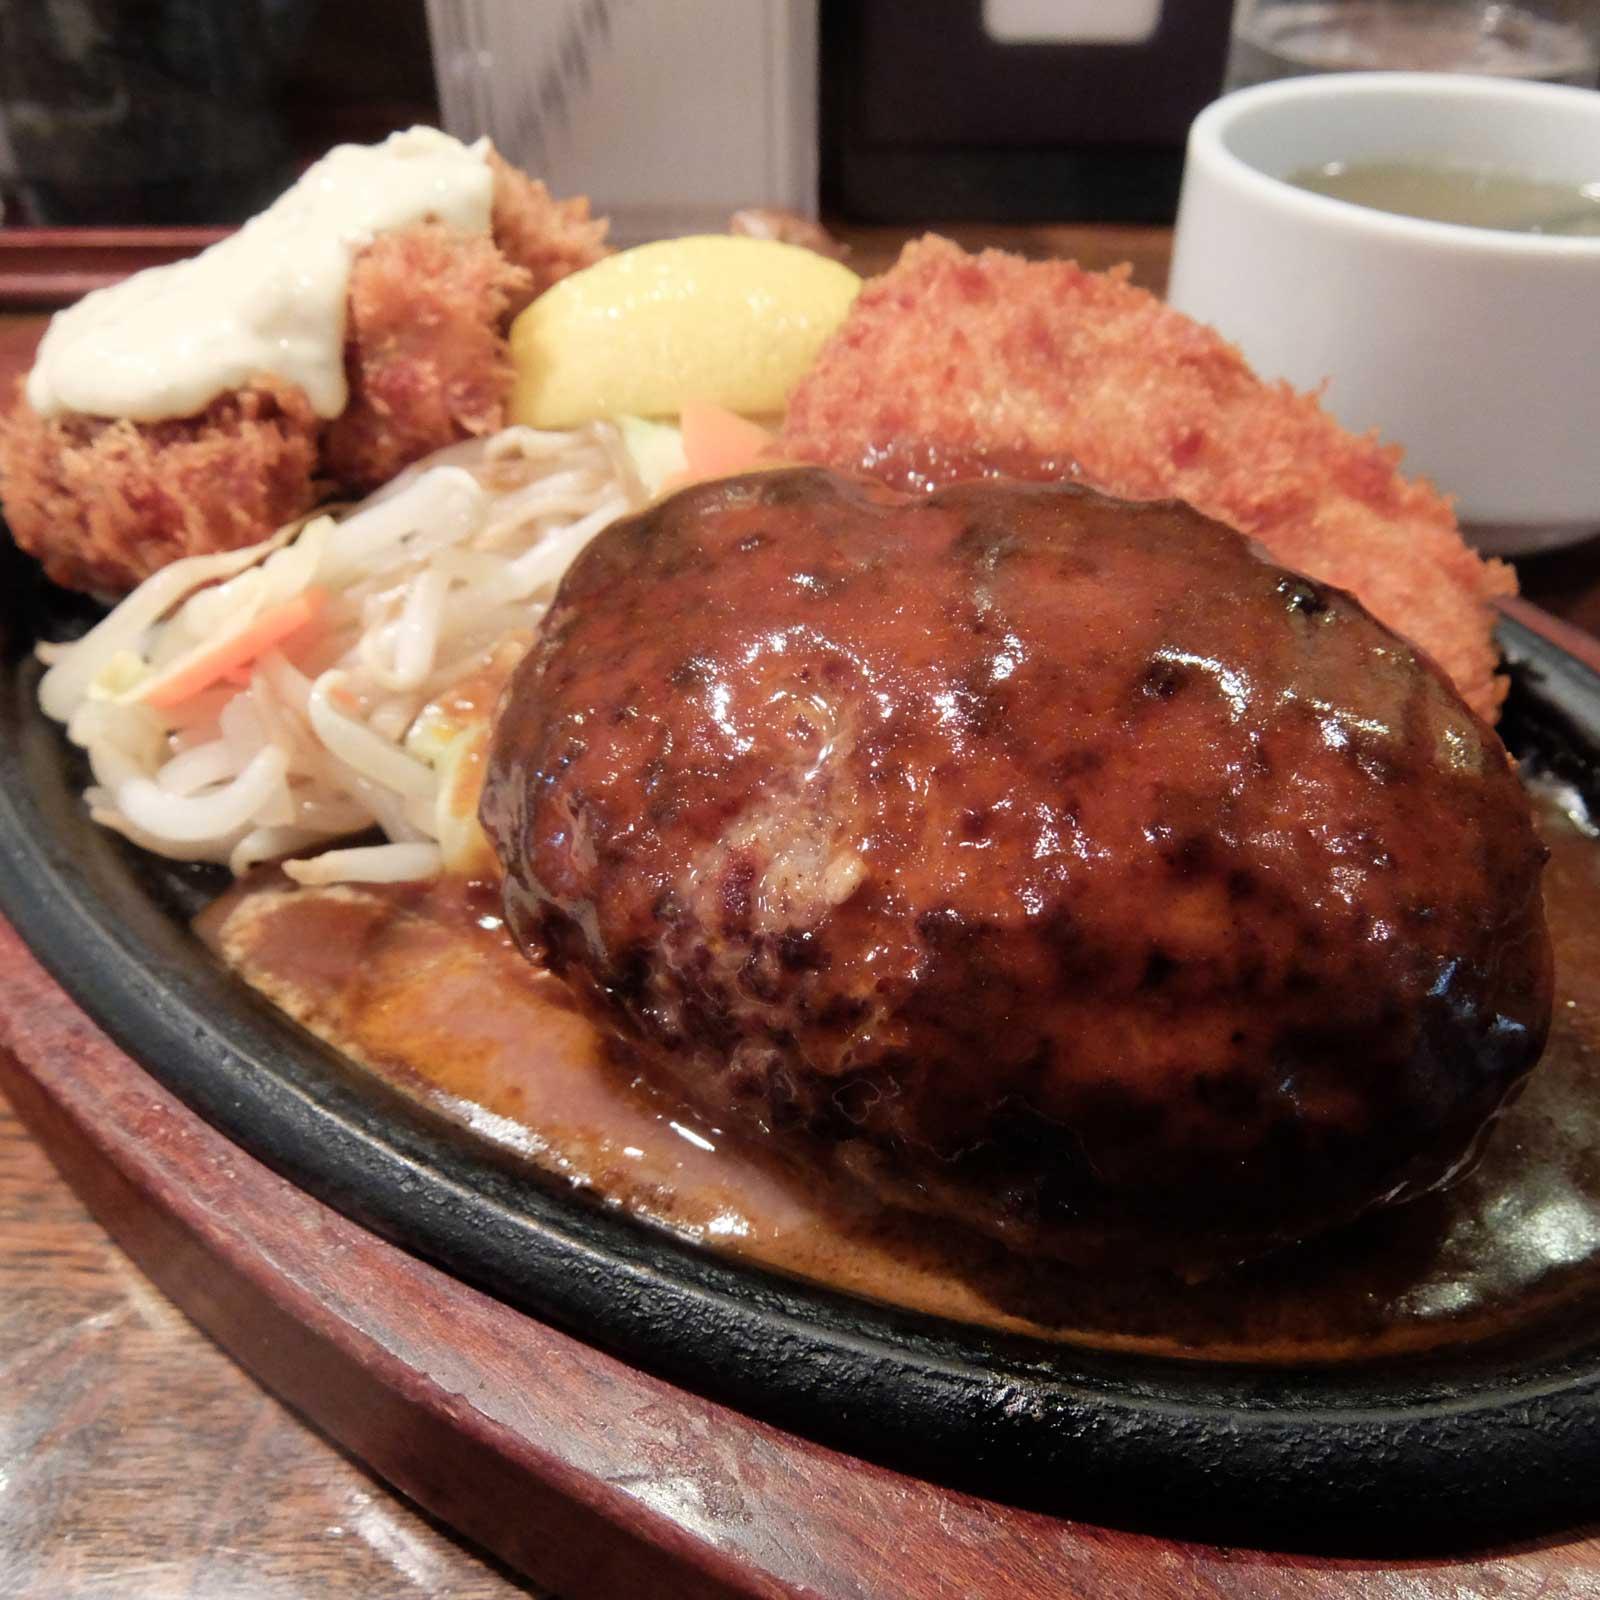 ハンバーグ&カキフライセット「ぶどう亭」in 梅田 大阪 大阪駅前第3ビル